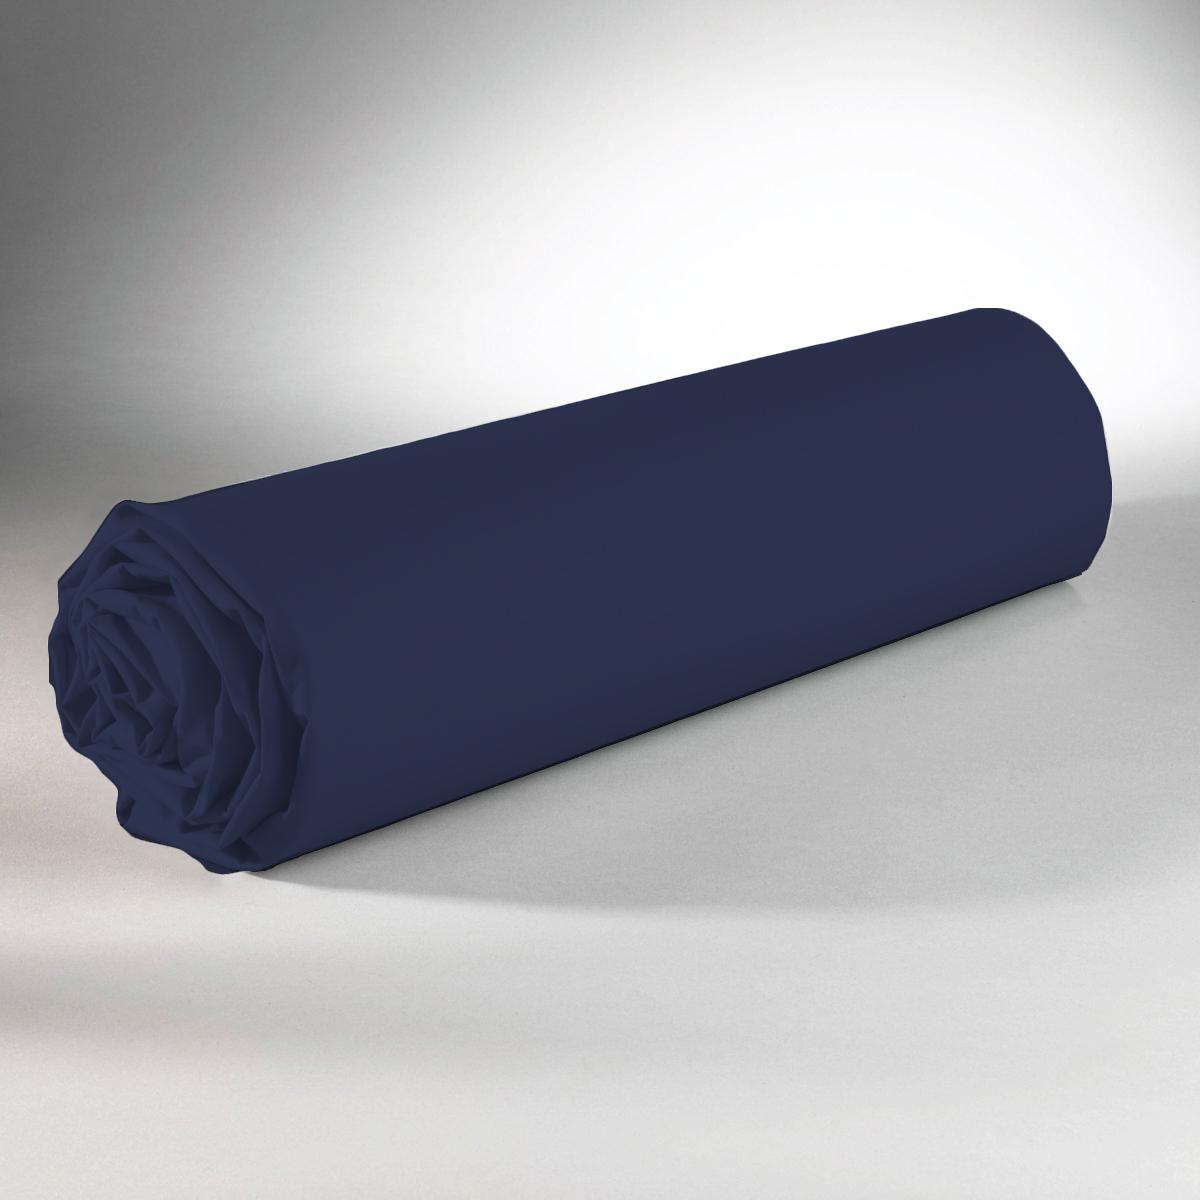 Drap housse 100% coton 160x200+25 bleu fonce